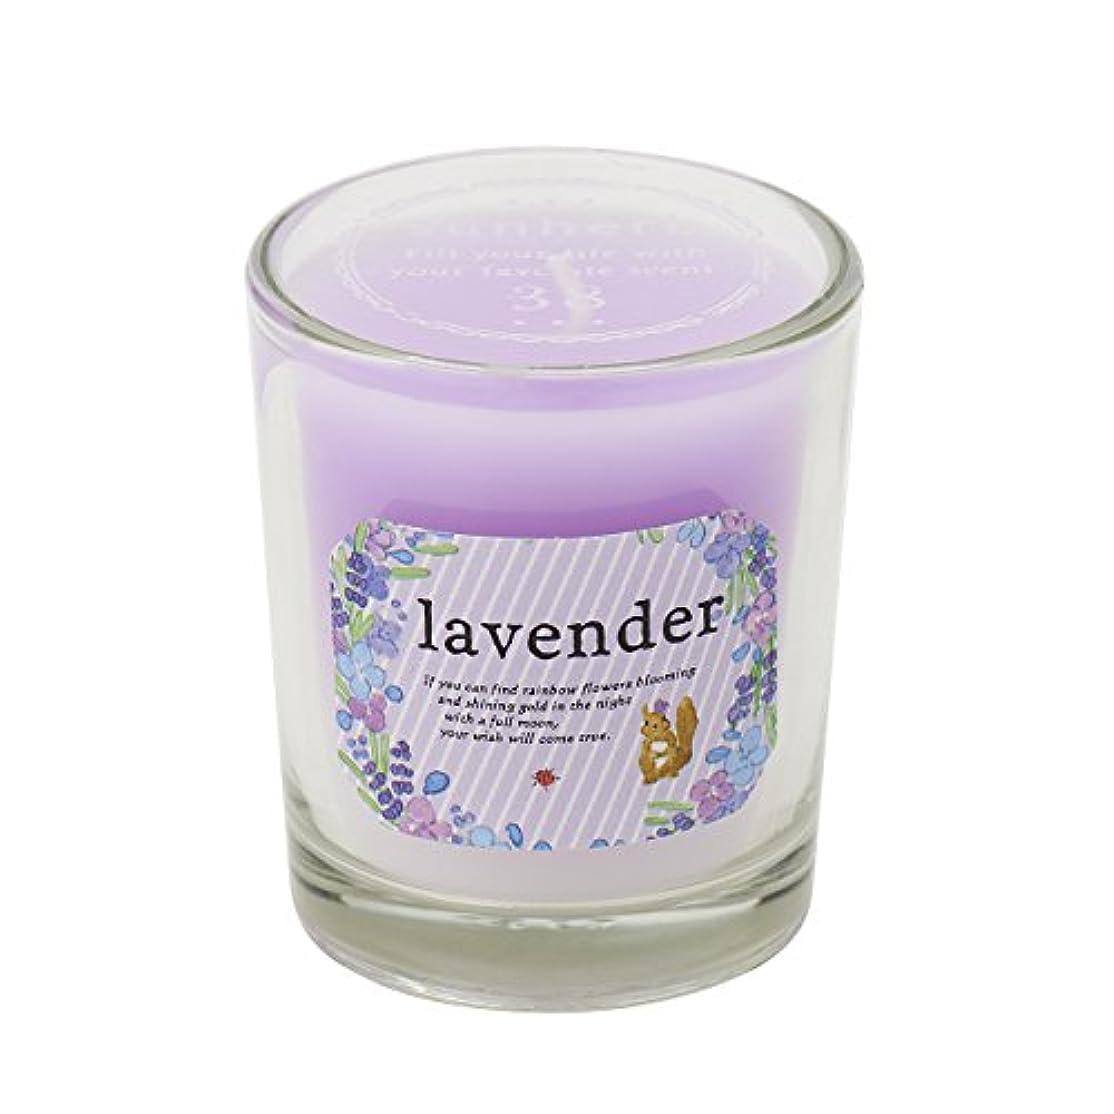 証明する遺伝的パーチナシティサンハーブ グラスキャンドル ラベンダー 35g(グラデーションろうそく 燃焼時間約10時間 ふわっと爽やかなラベンダーの香り)